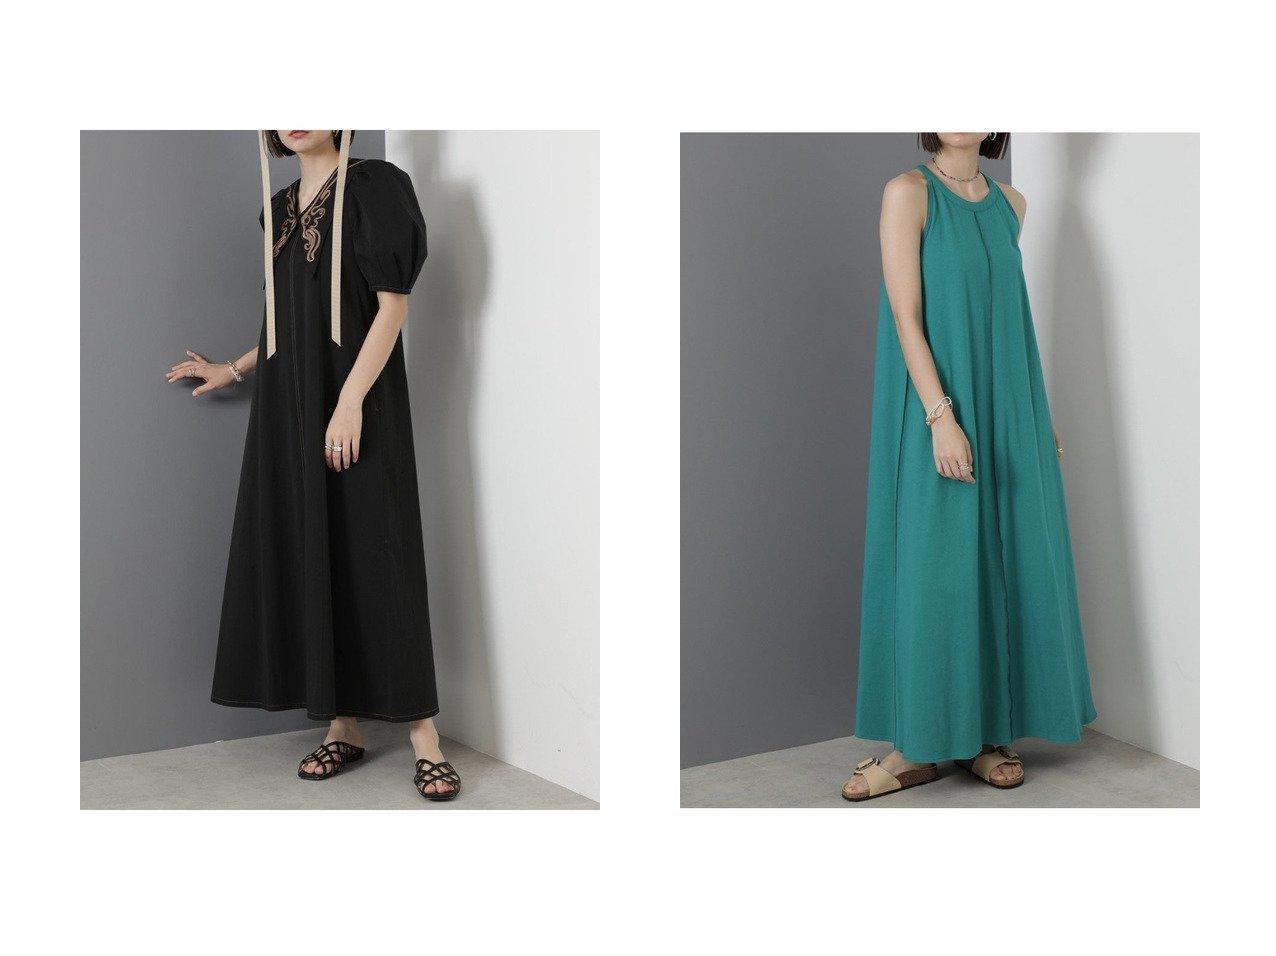 【ROSE BUD/ローズバッド】のコード刺繍襟つきワンピース&アメスリワンピース 【ワンピース・ドレス】おすすめ!人気、トレンド・レディースファッションの通販 おすすめで人気の流行・トレンド、ファッションの通販商品 インテリア・家具・メンズファッション・キッズファッション・レディースファッション・服の通販 founy(ファニー) https://founy.com/ ファッション Fashion レディースファッション WOMEN ワンピース Dress 2021年 2021 2021-2022秋冬・A/W AW・Autumn/Winter・FW・Fall-Winter・2021-2022 A/W・秋冬 AW・Autumn/Winter・FW・Fall-Winter おすすめ Recommend アメリカン カットソー サンダル スニーカー スリーブ フラット フレア 夏 Summer 羽織 フェミニン  ID:crp329100000054599